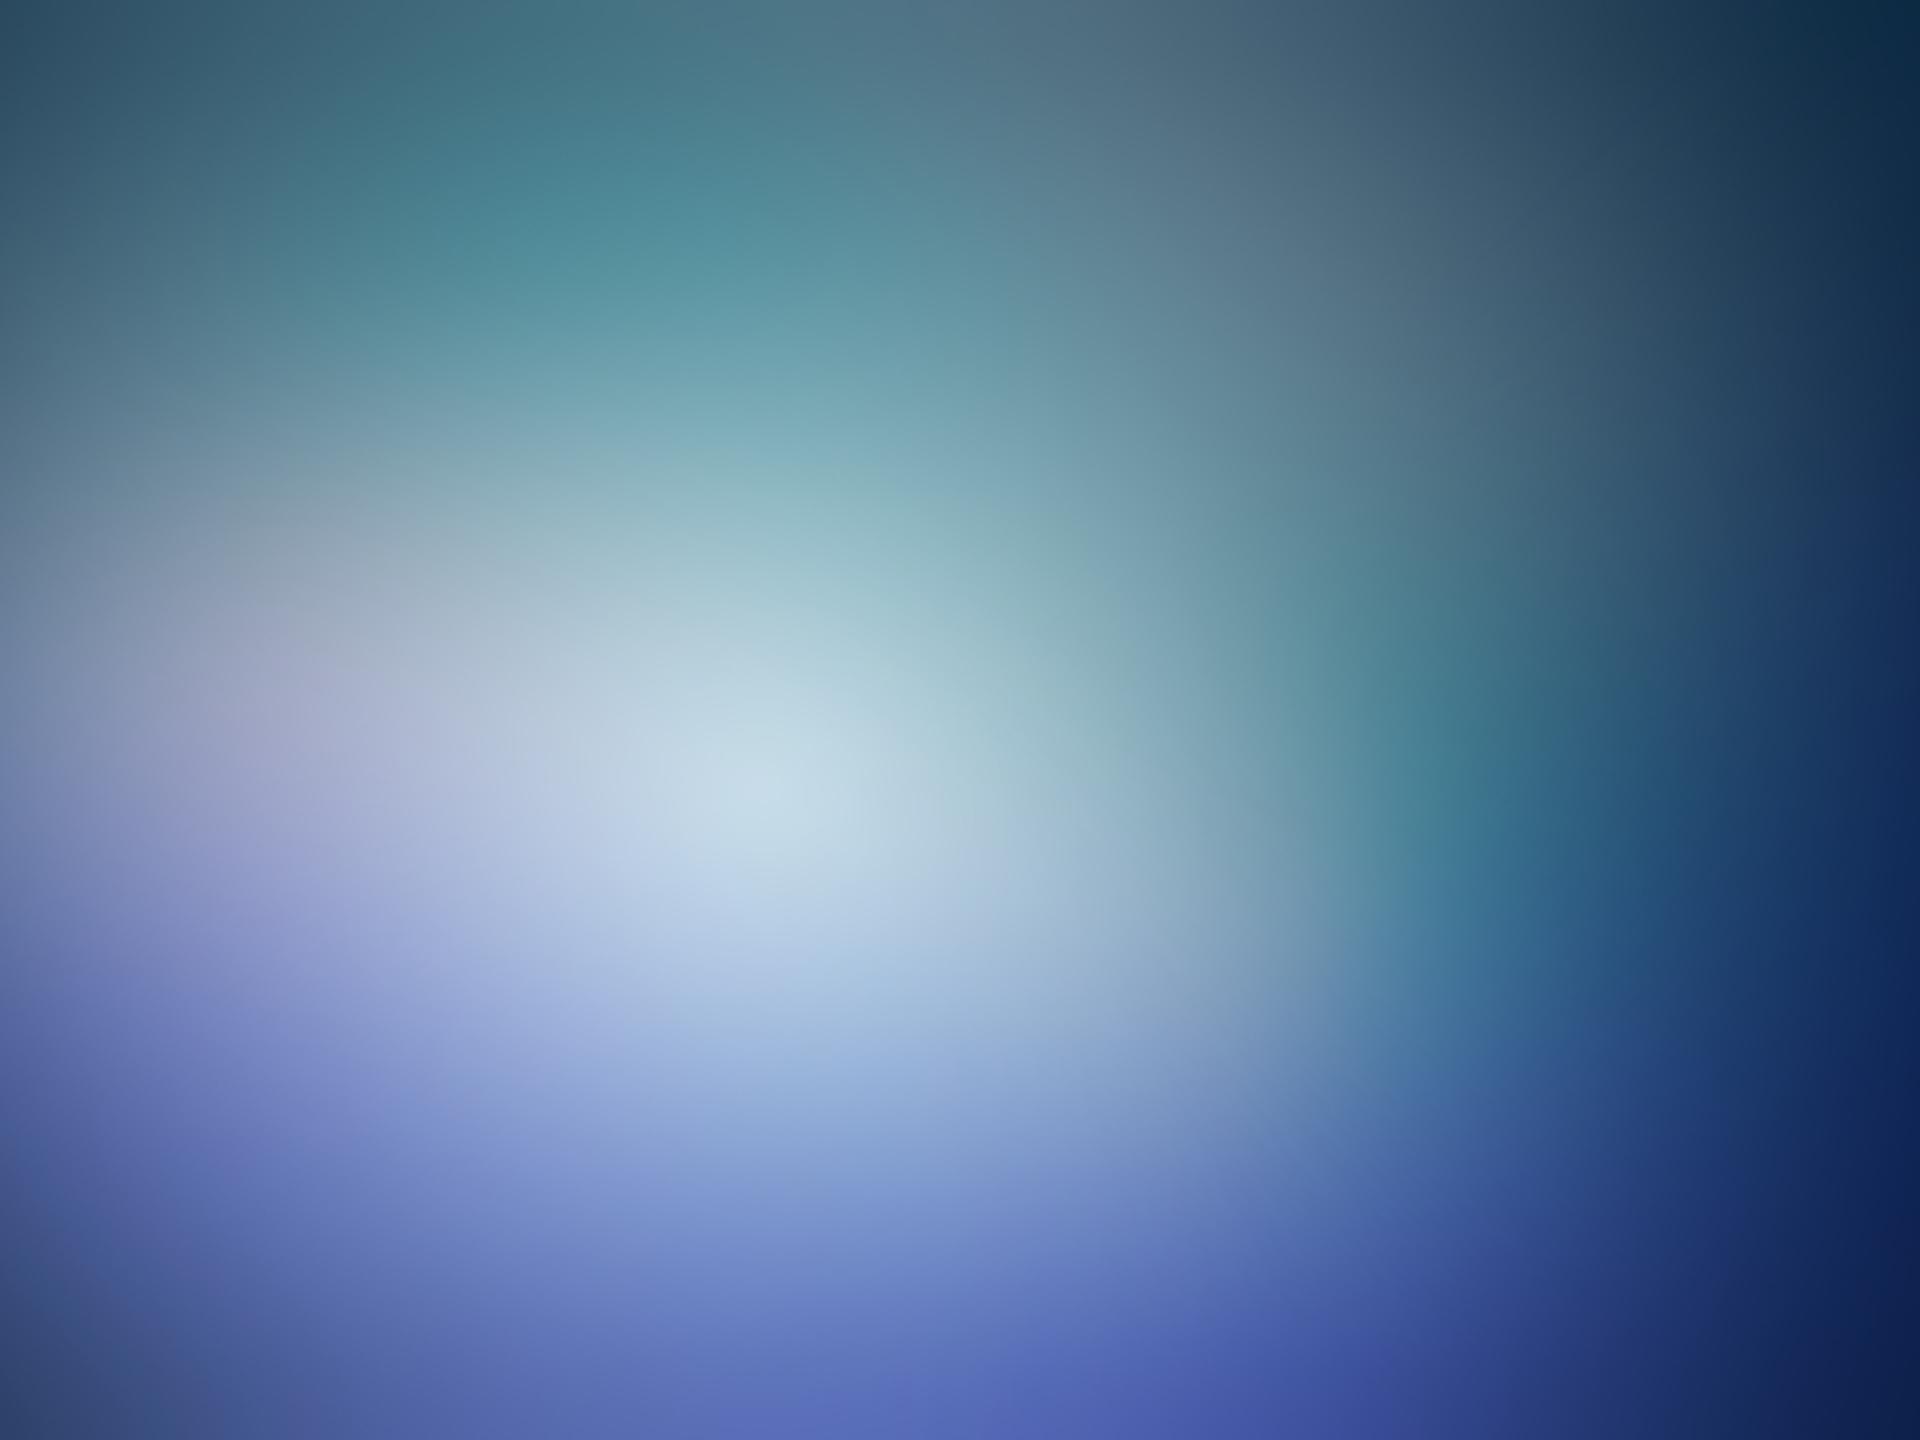 Blue minimalistic blurry gaussian blur (1920x1440)